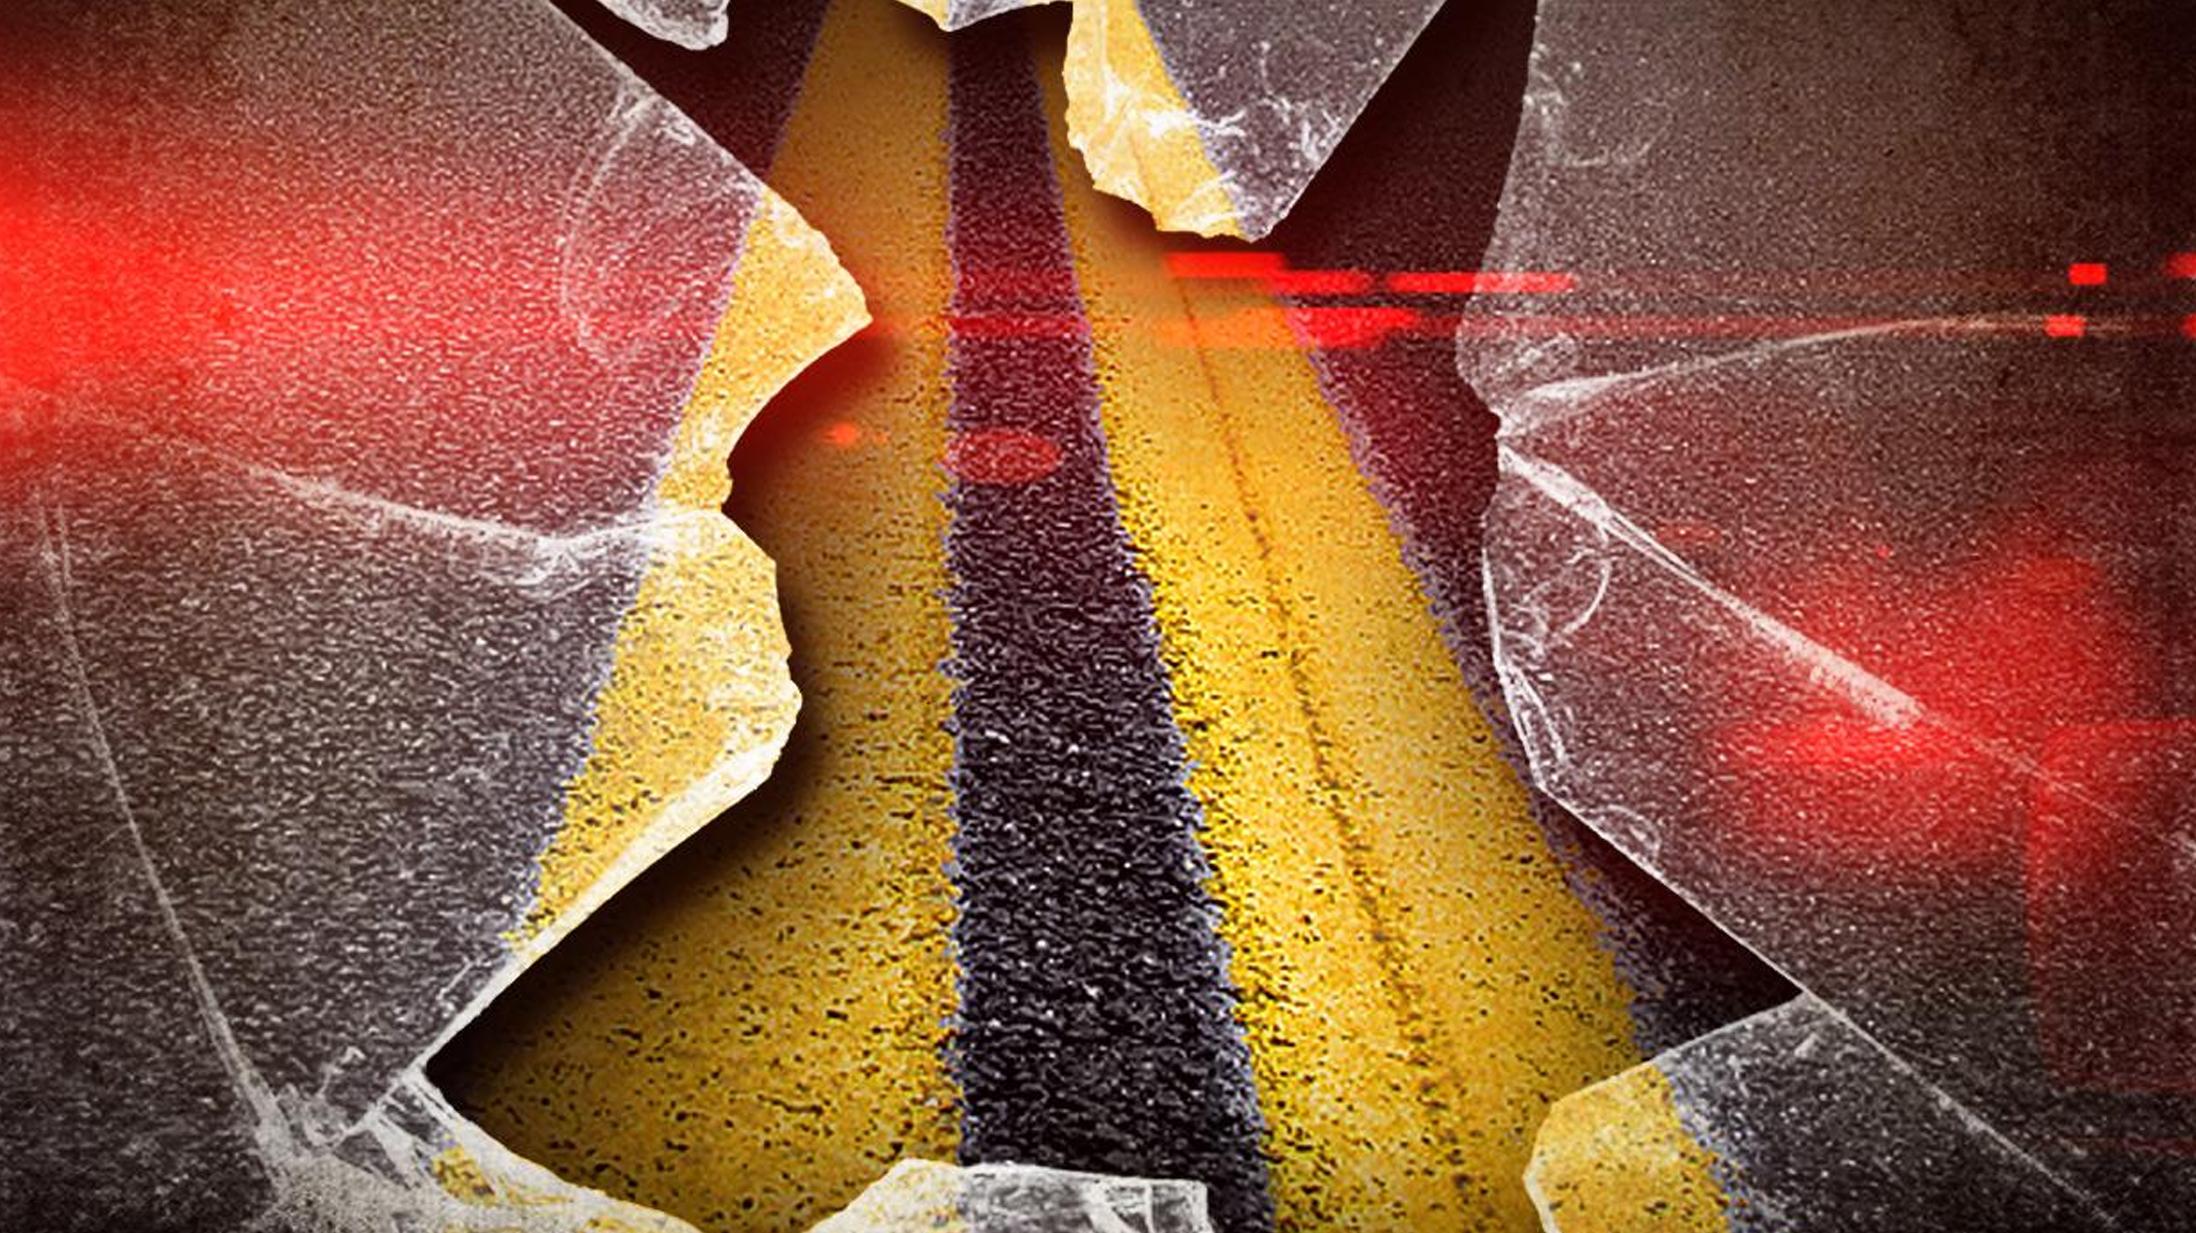 Car Crash FOR WEB_1444668281636.jpg